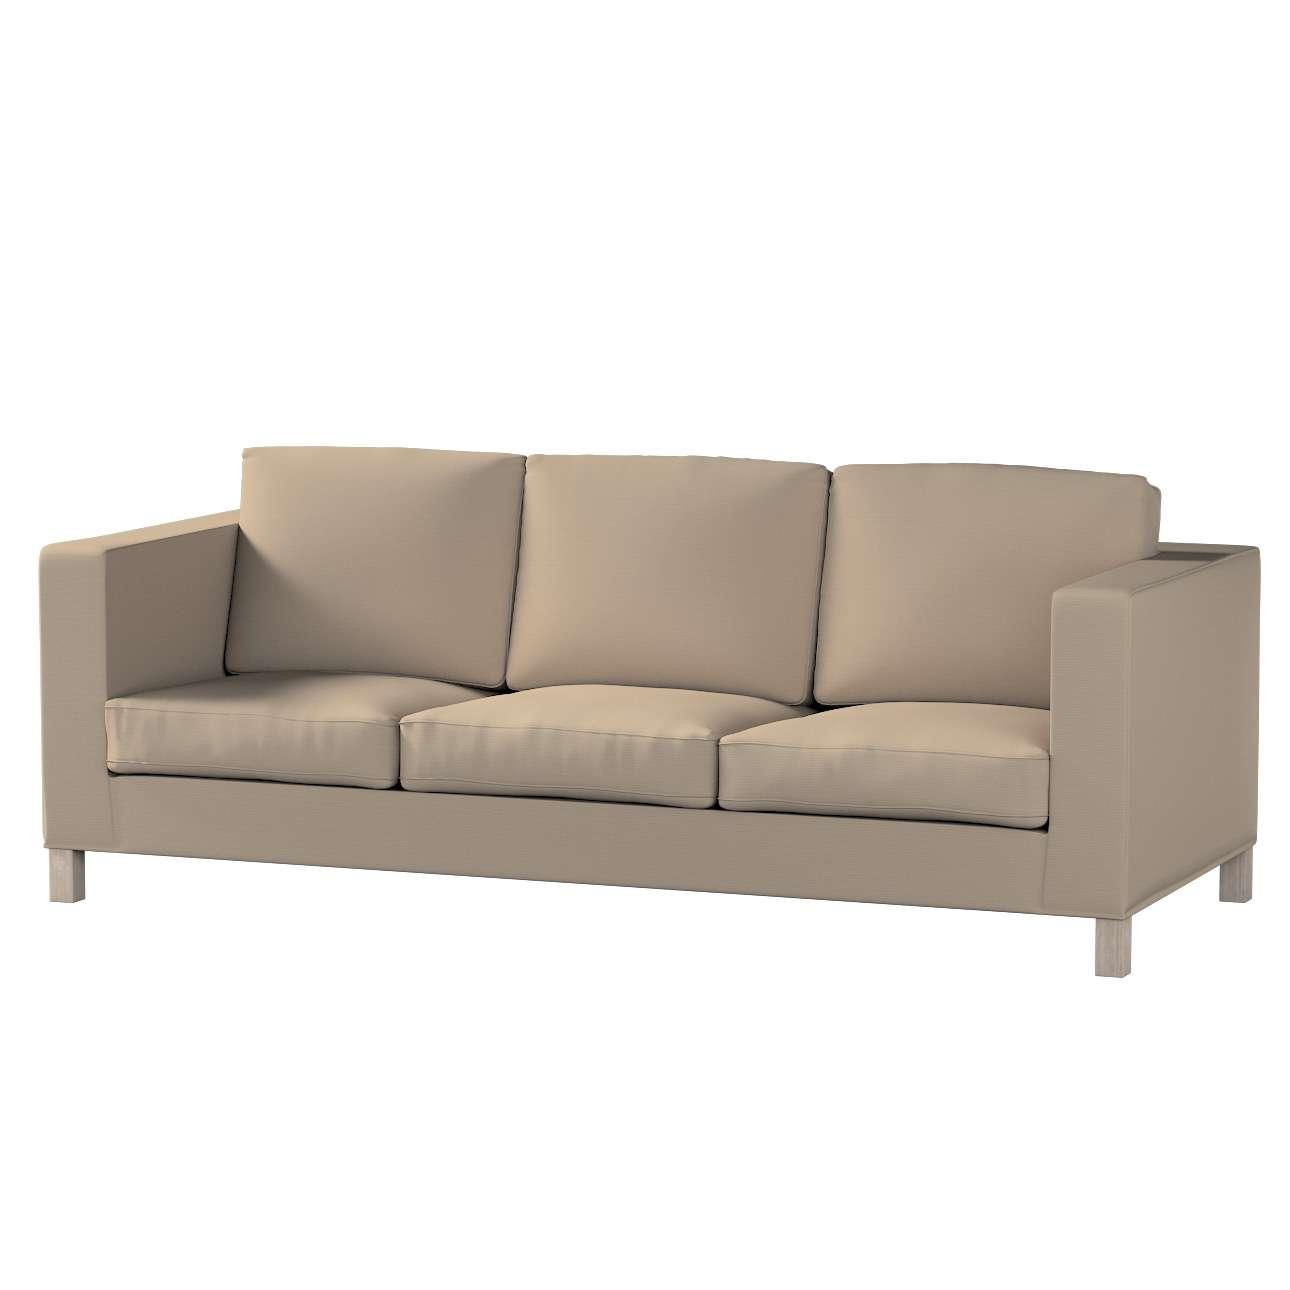 Karlanda 3-Sitzer  Sofabezug nicht ausklappbar kurz Karlanda 3-Sitzer, kurz von der Kollektion Cotton Panama, Stoff: 702-28